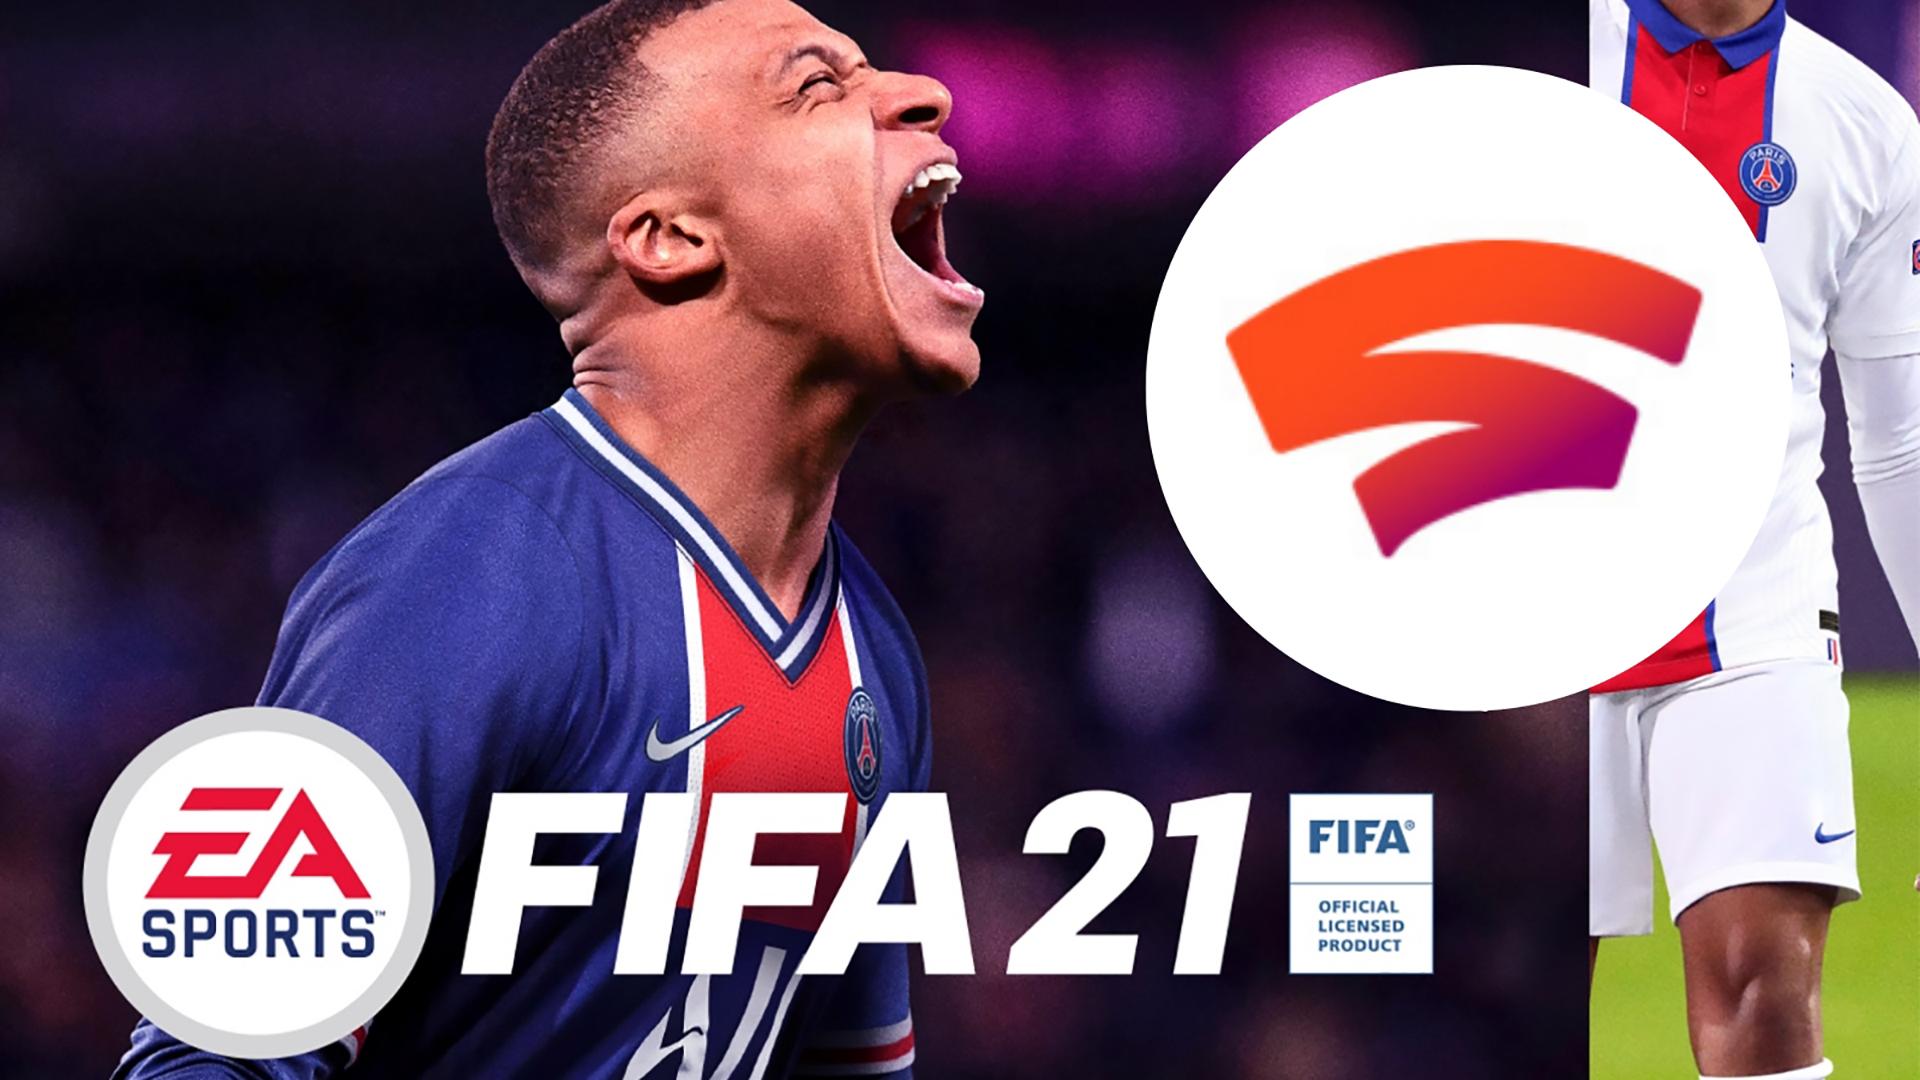 [Stadia] FIFA 21 und Ultimate und Champions Edition (ab 19,39 € mit Gutschein)